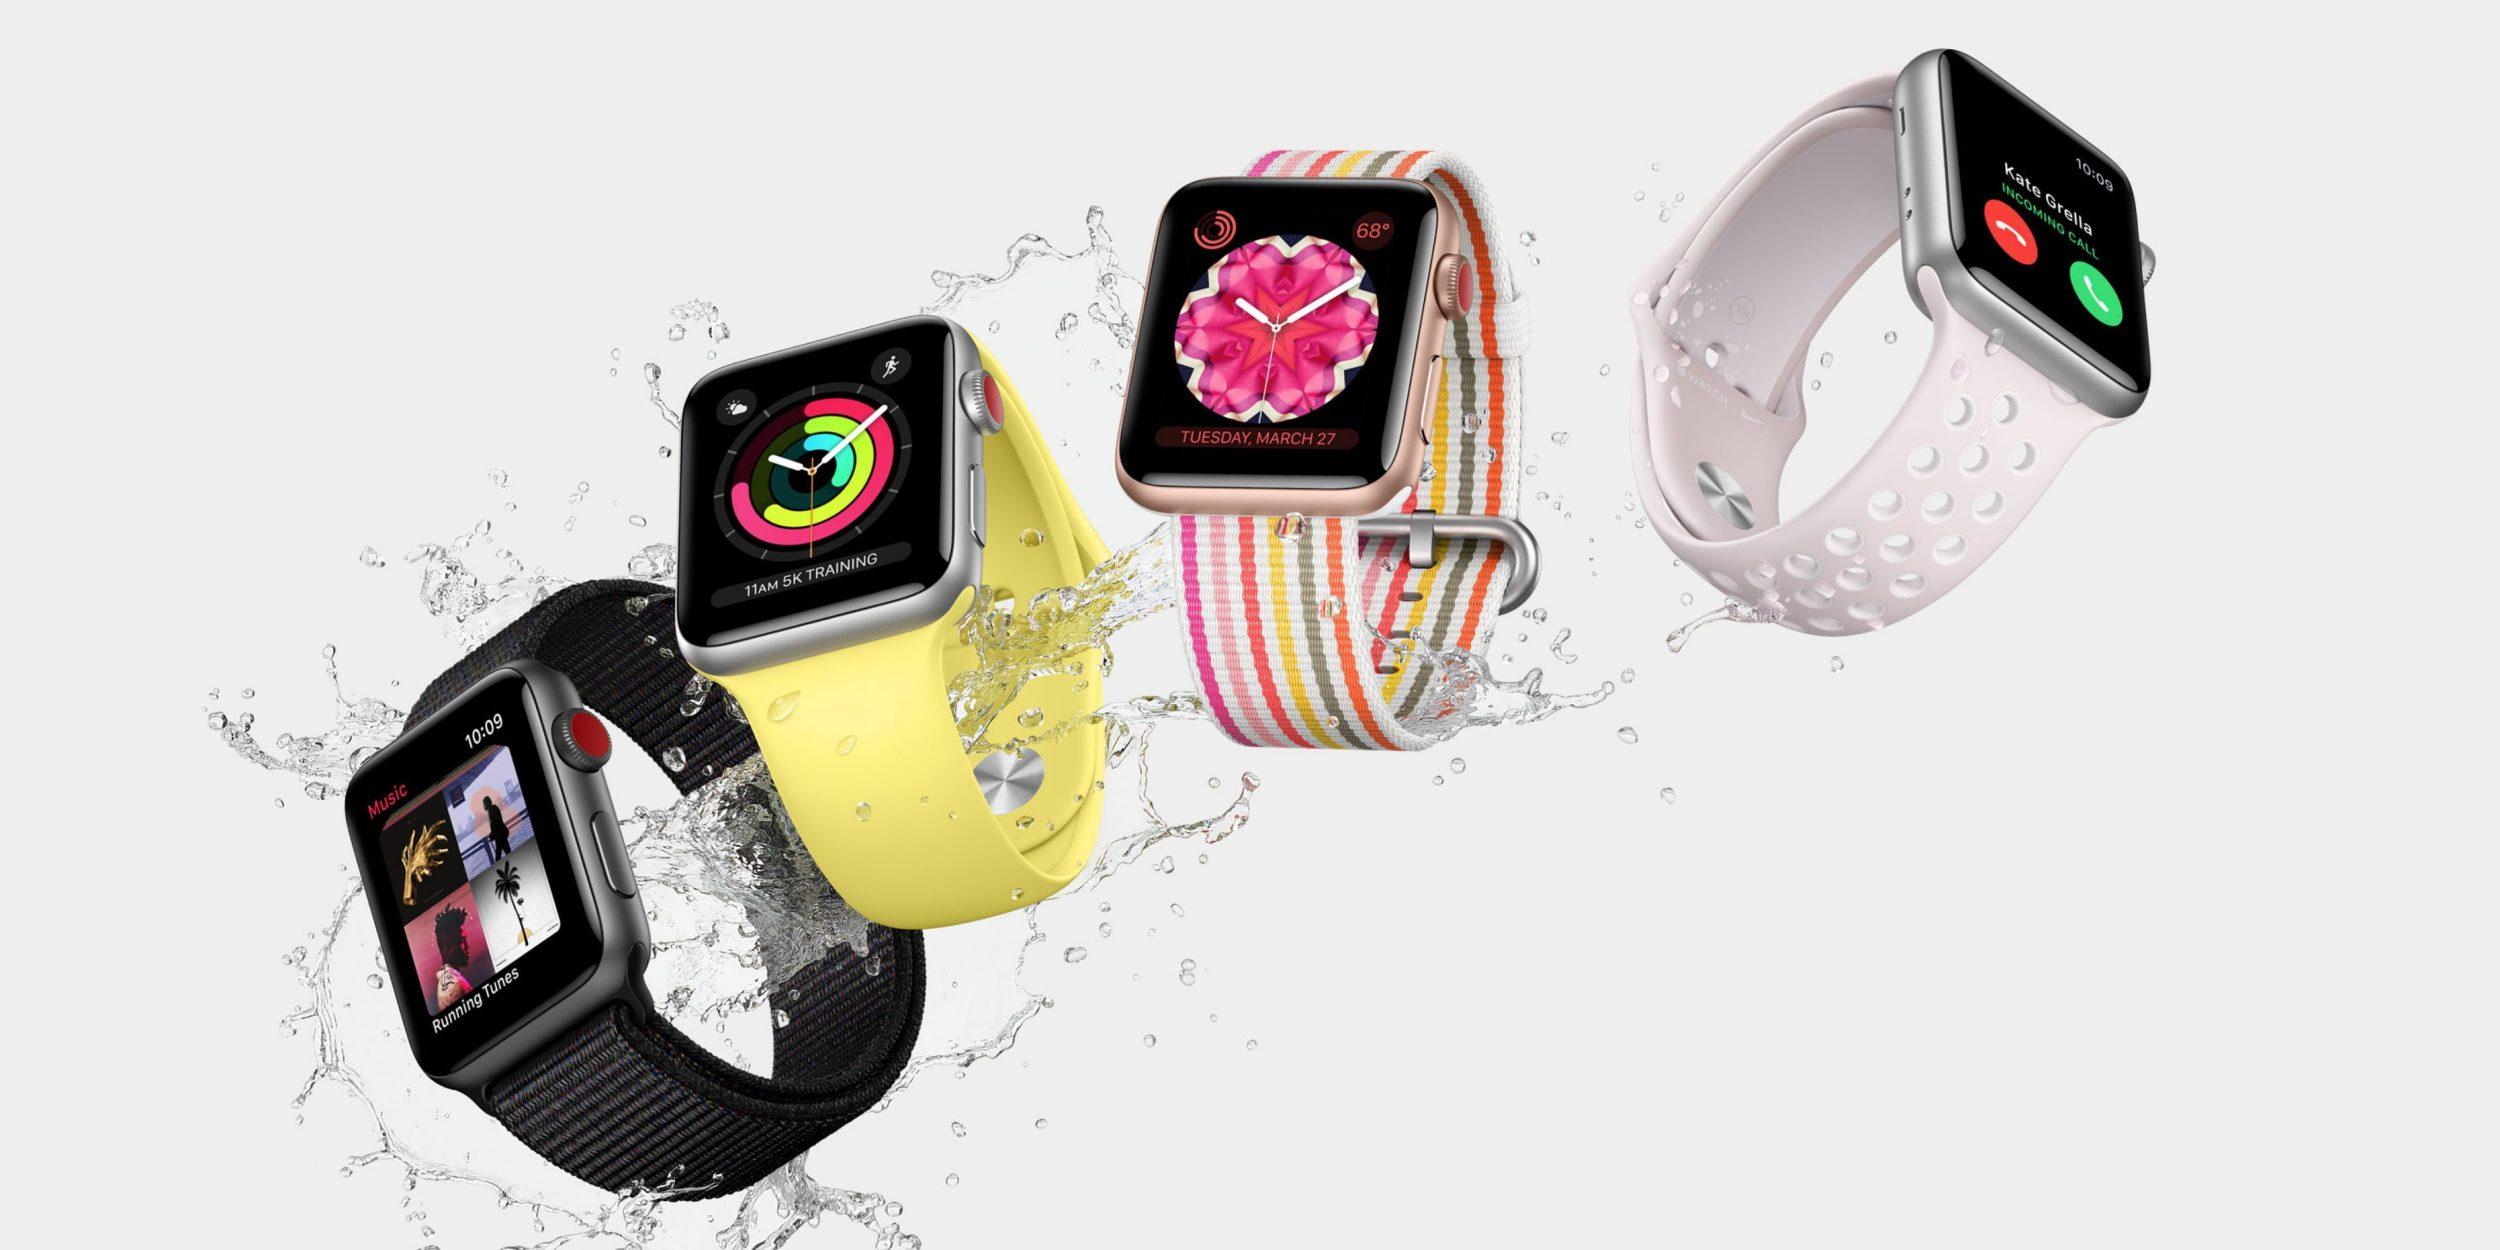 Người dùng Apple Watch Series 3 gặp phiền toái sau khi nâng cấp lên watchOS 7 - Ảnh 1.